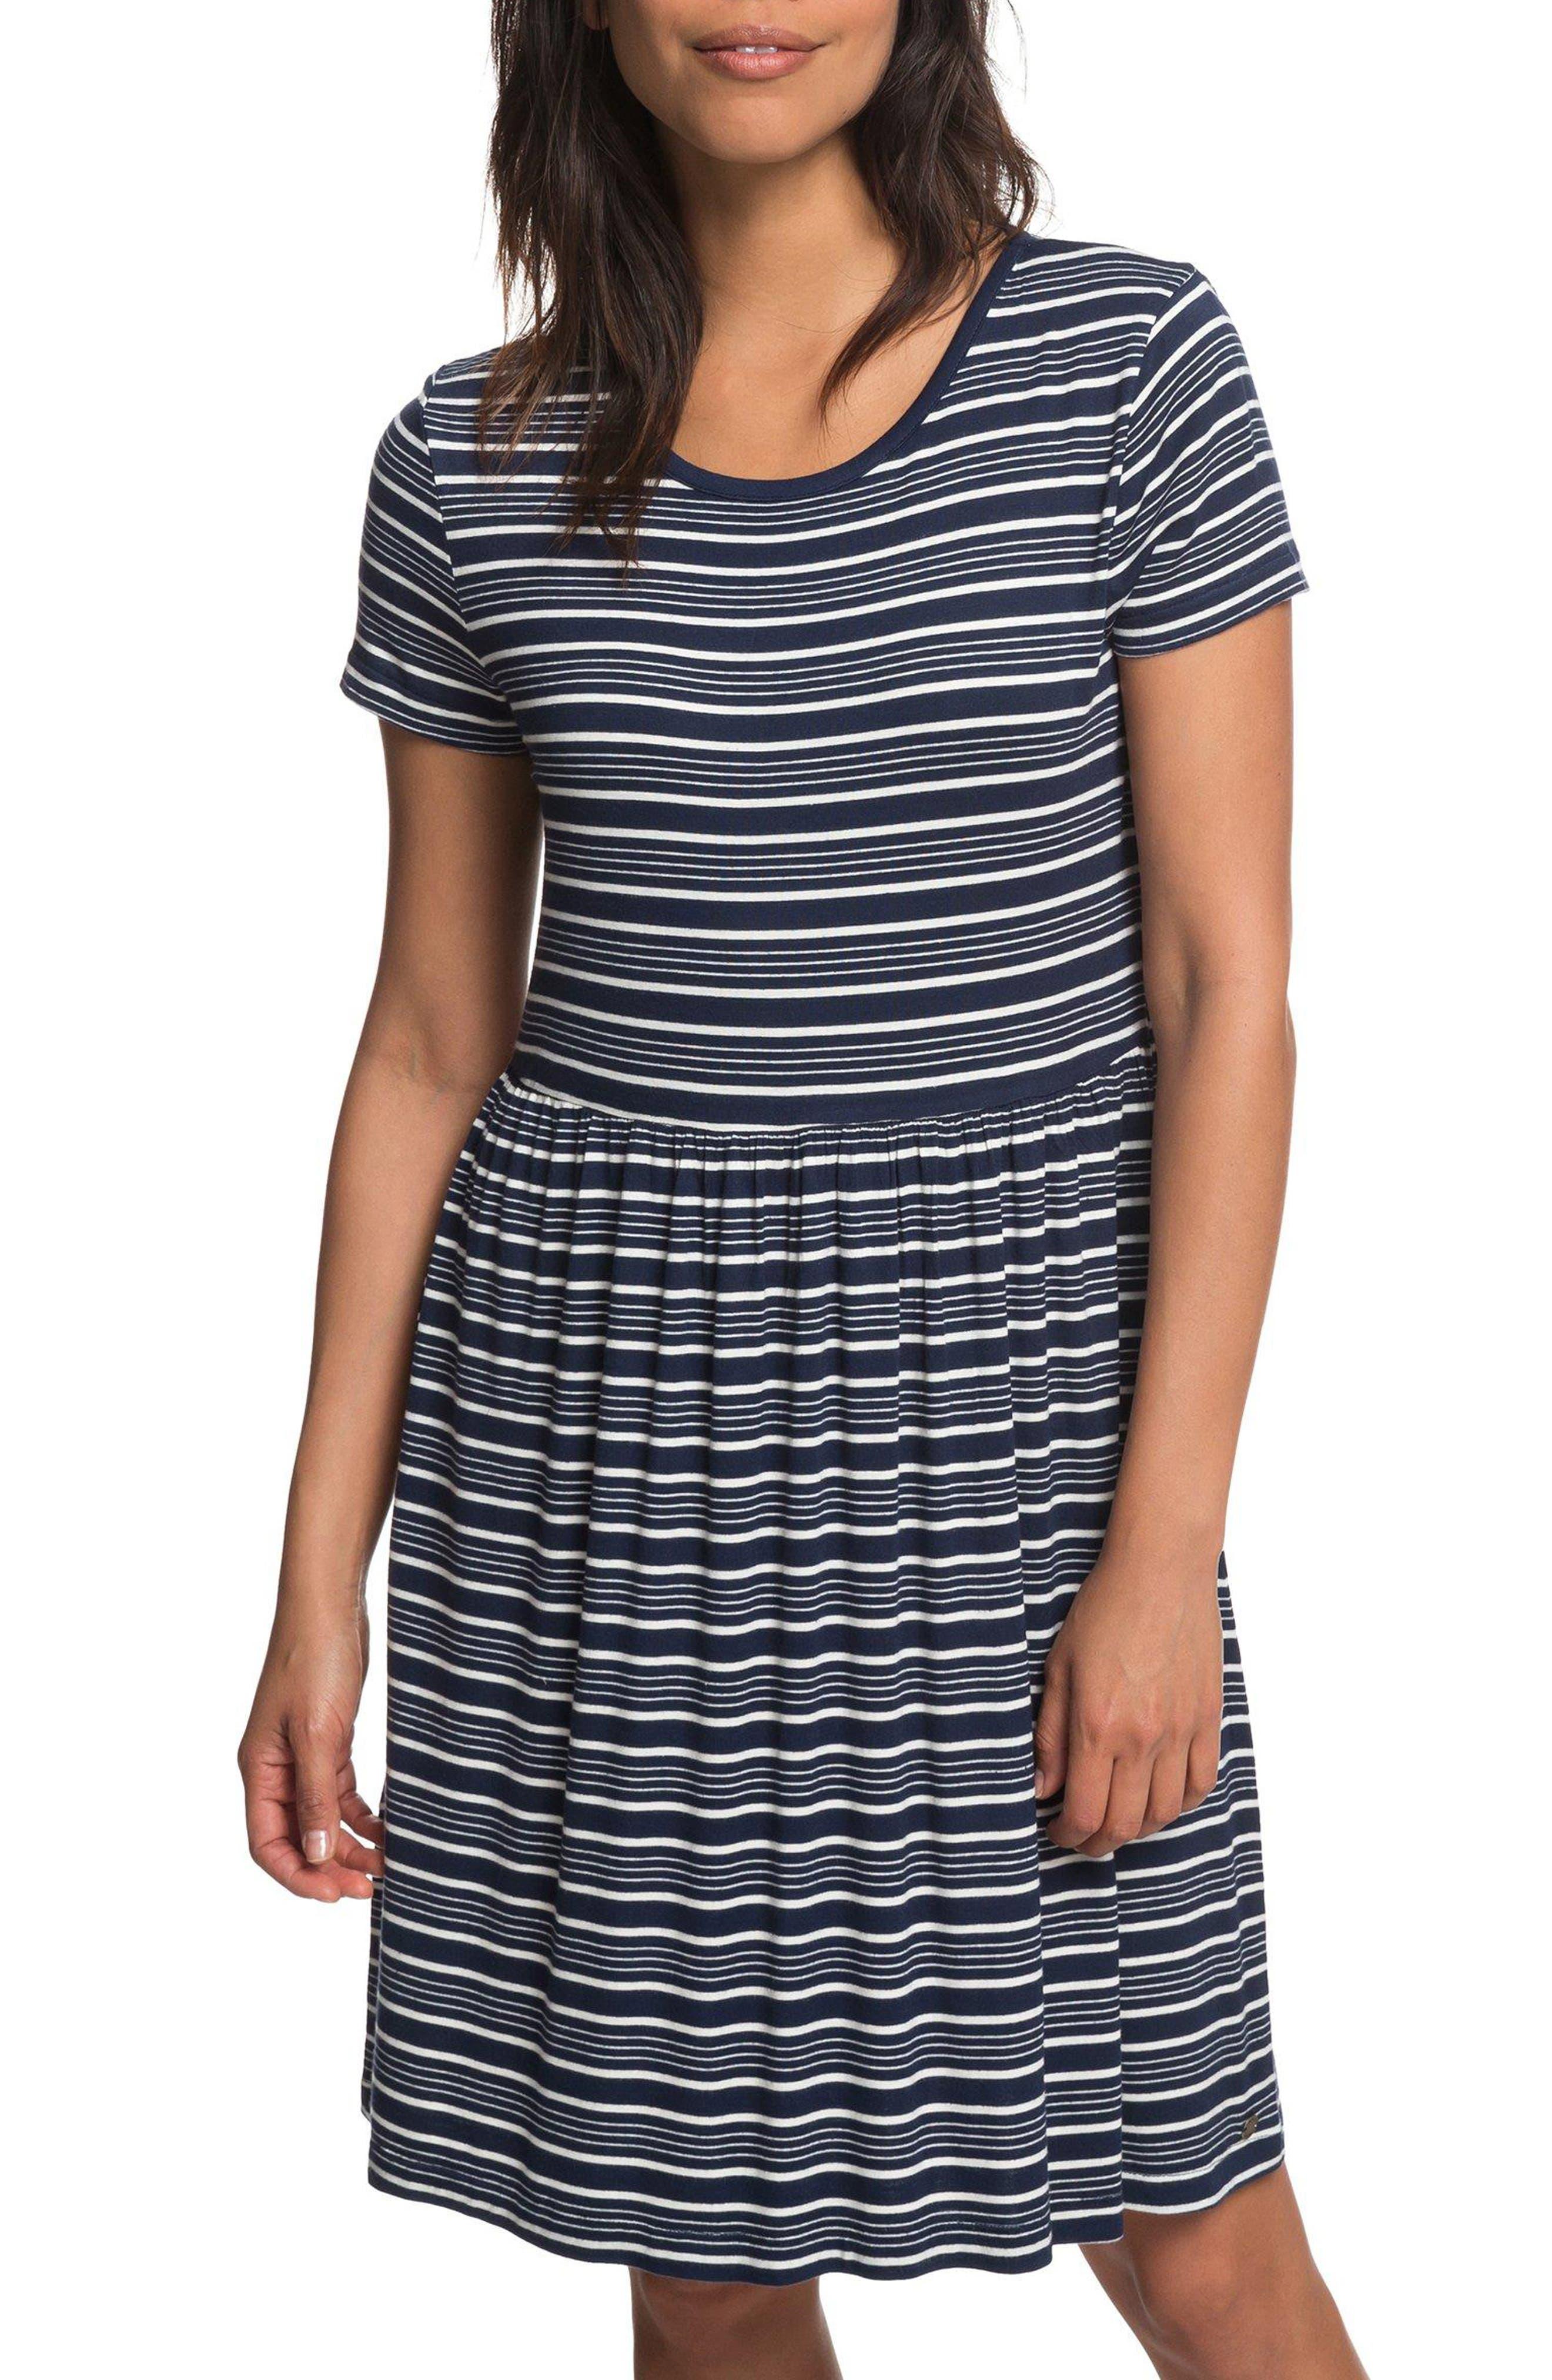 Fame For Glory Stripe T-Shirt Dress,                             Main thumbnail 1, color,                             400